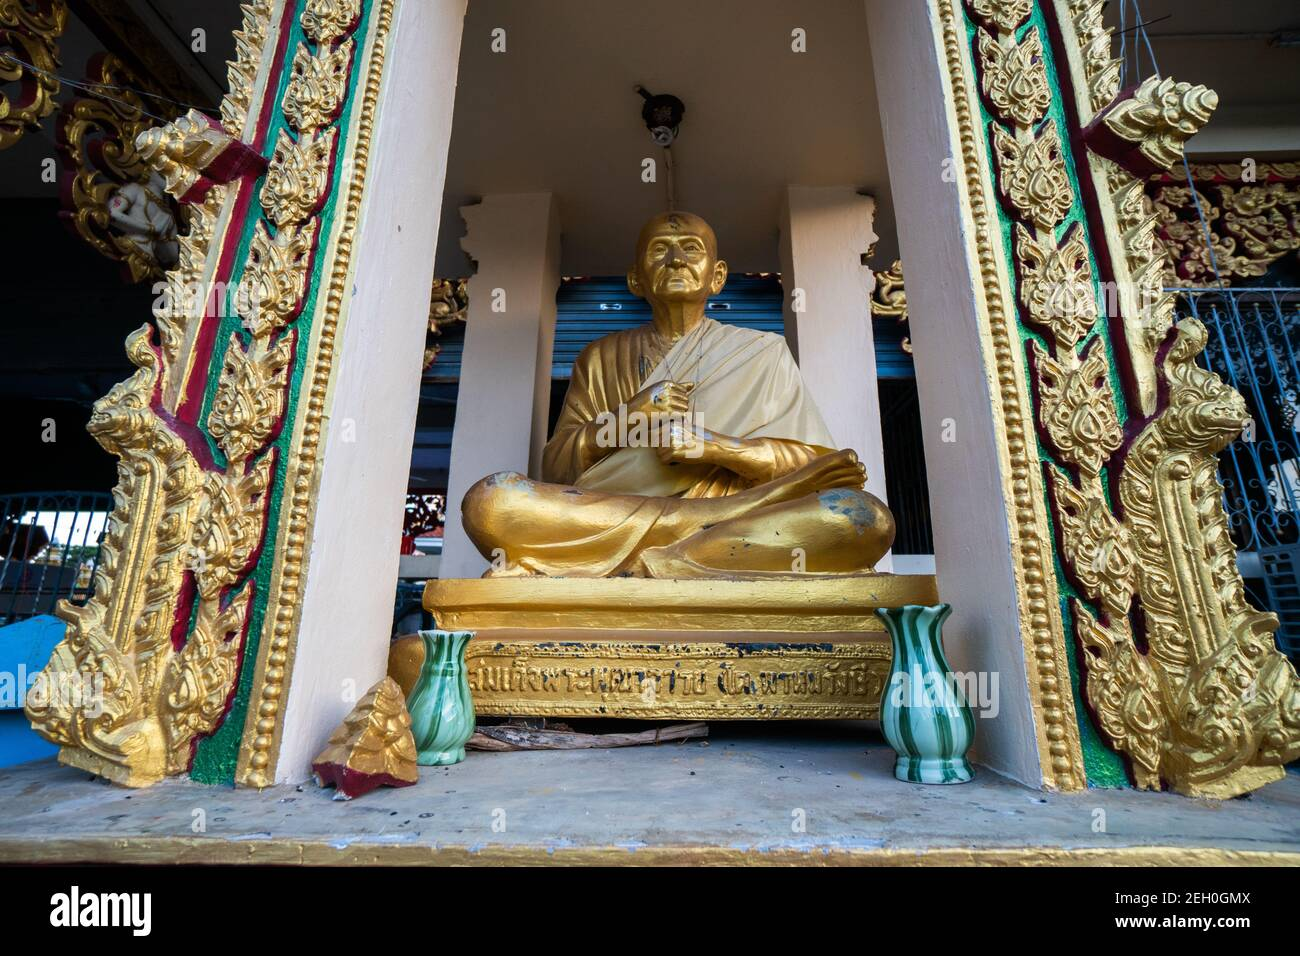 KOH SAMUI, TAILANDIA - 10 de enero de 2020: Estatua de Buda de Oro en el templo de Wat plai laem en koh samui tailandia. Foto de stock